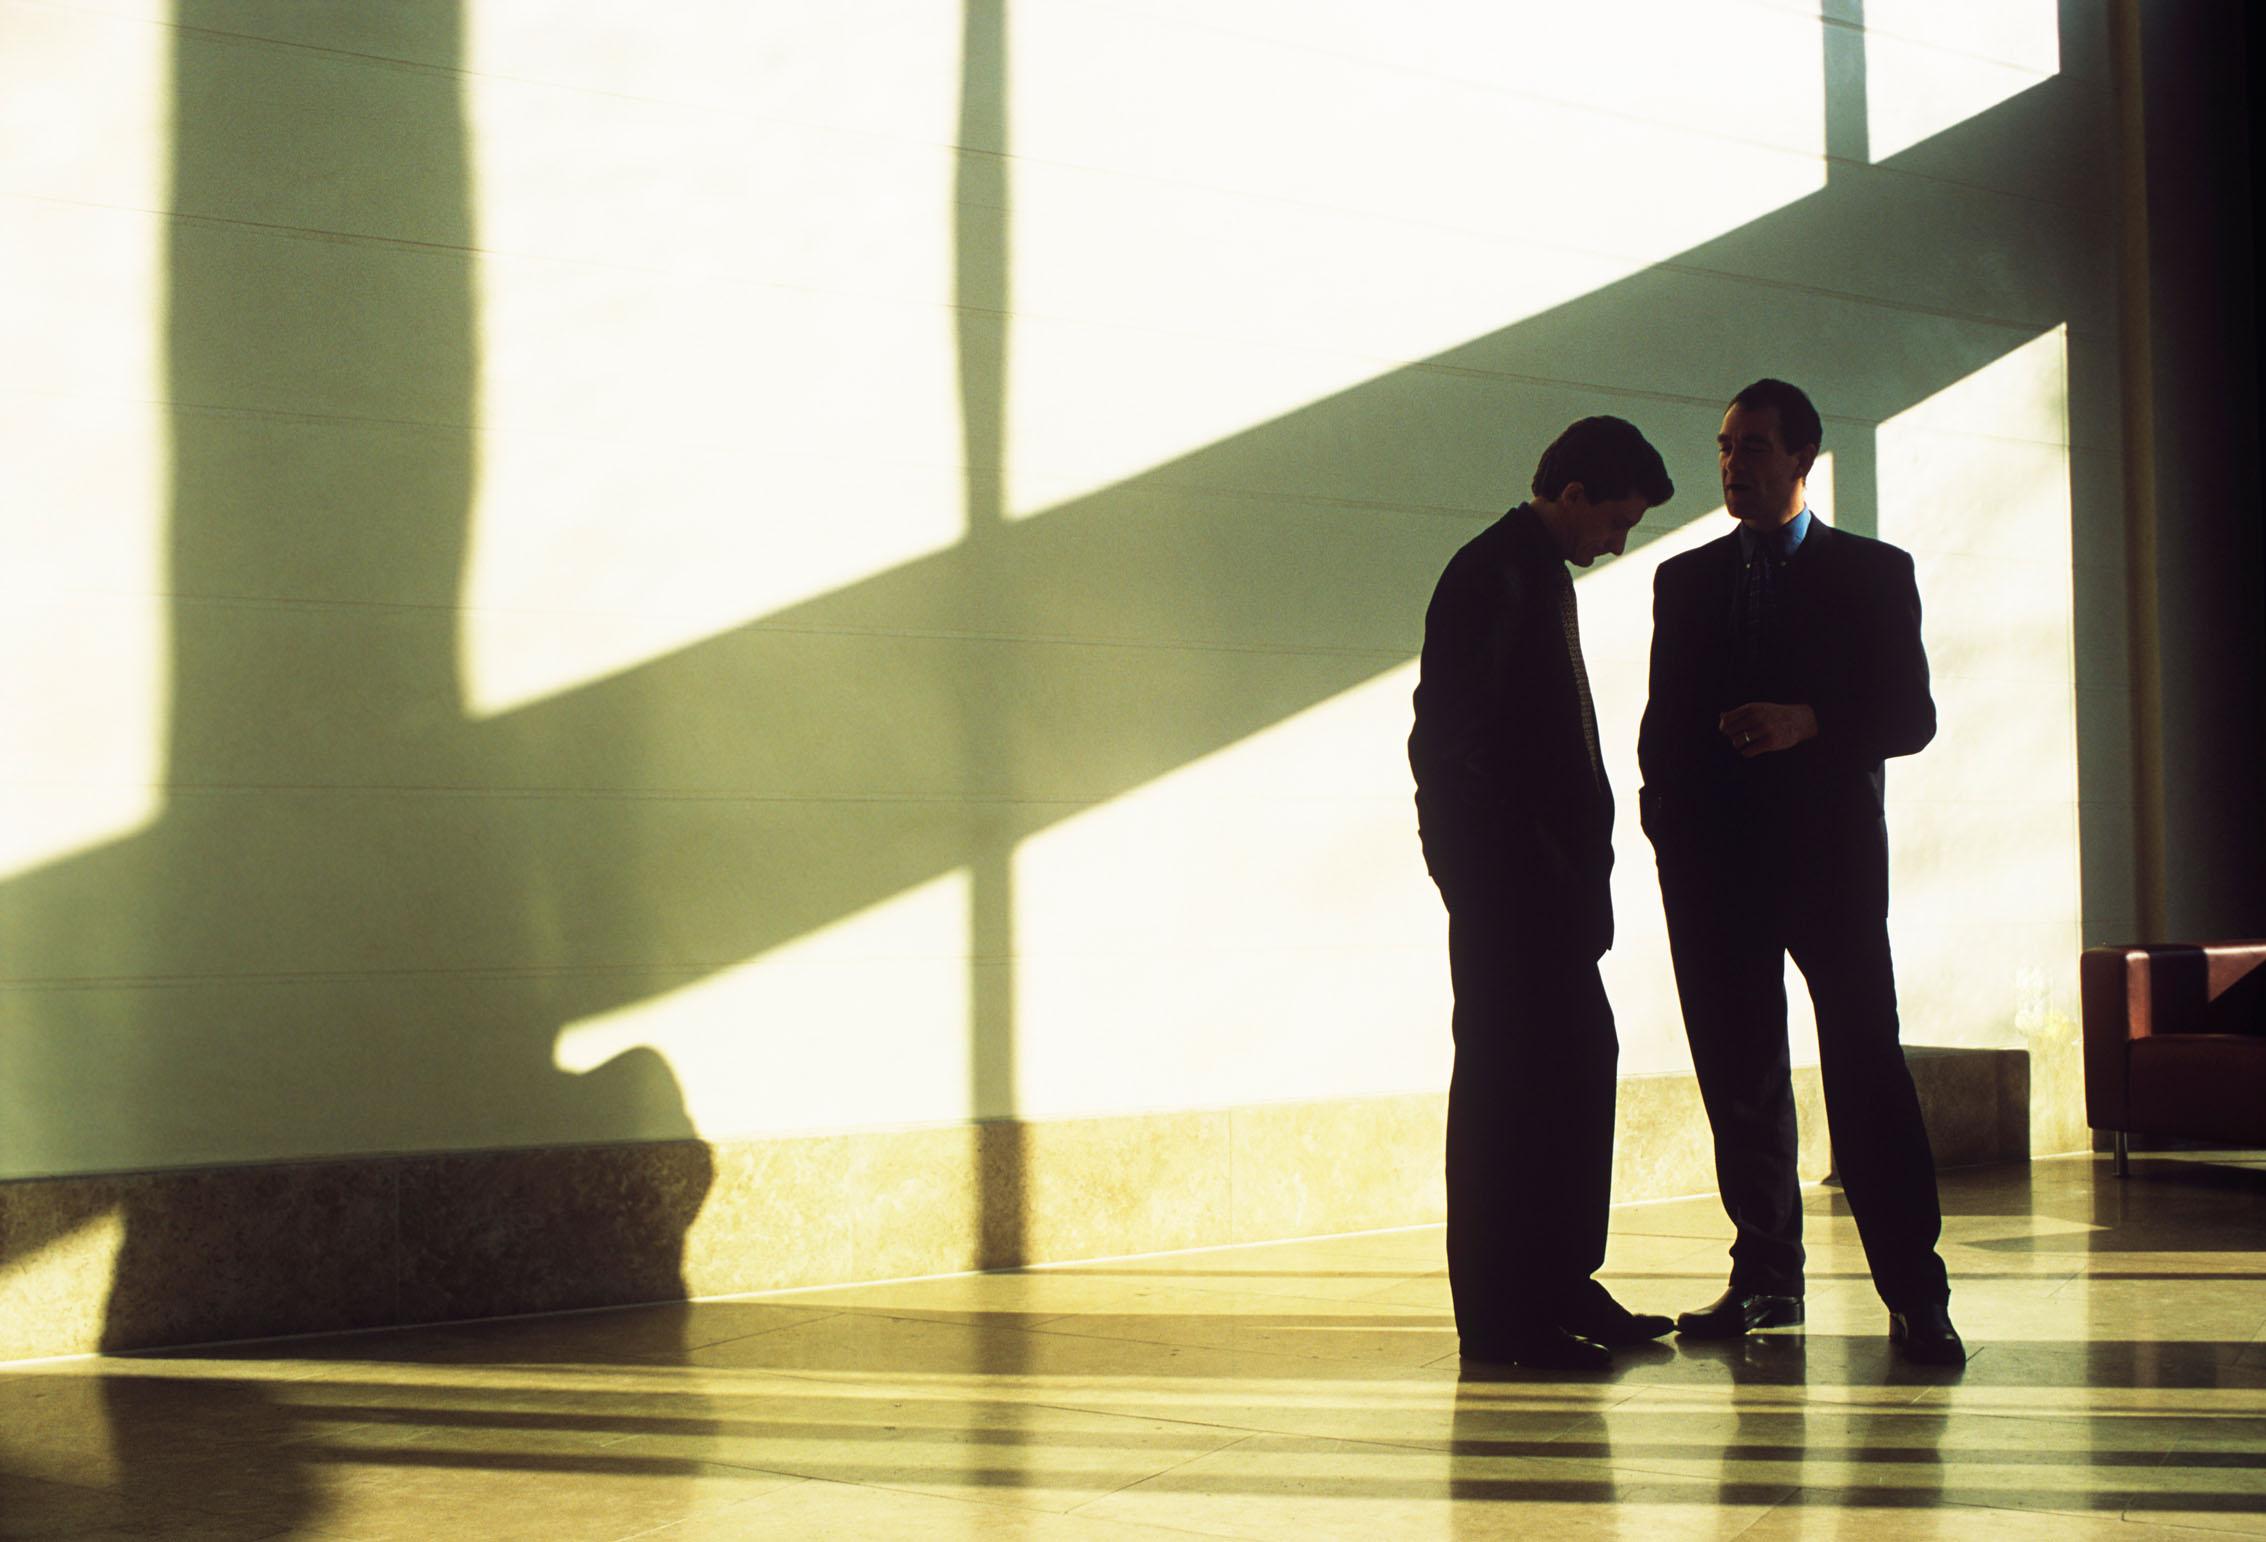 《中国模式》精华之二:究竟什么才是企业家的经商之道?